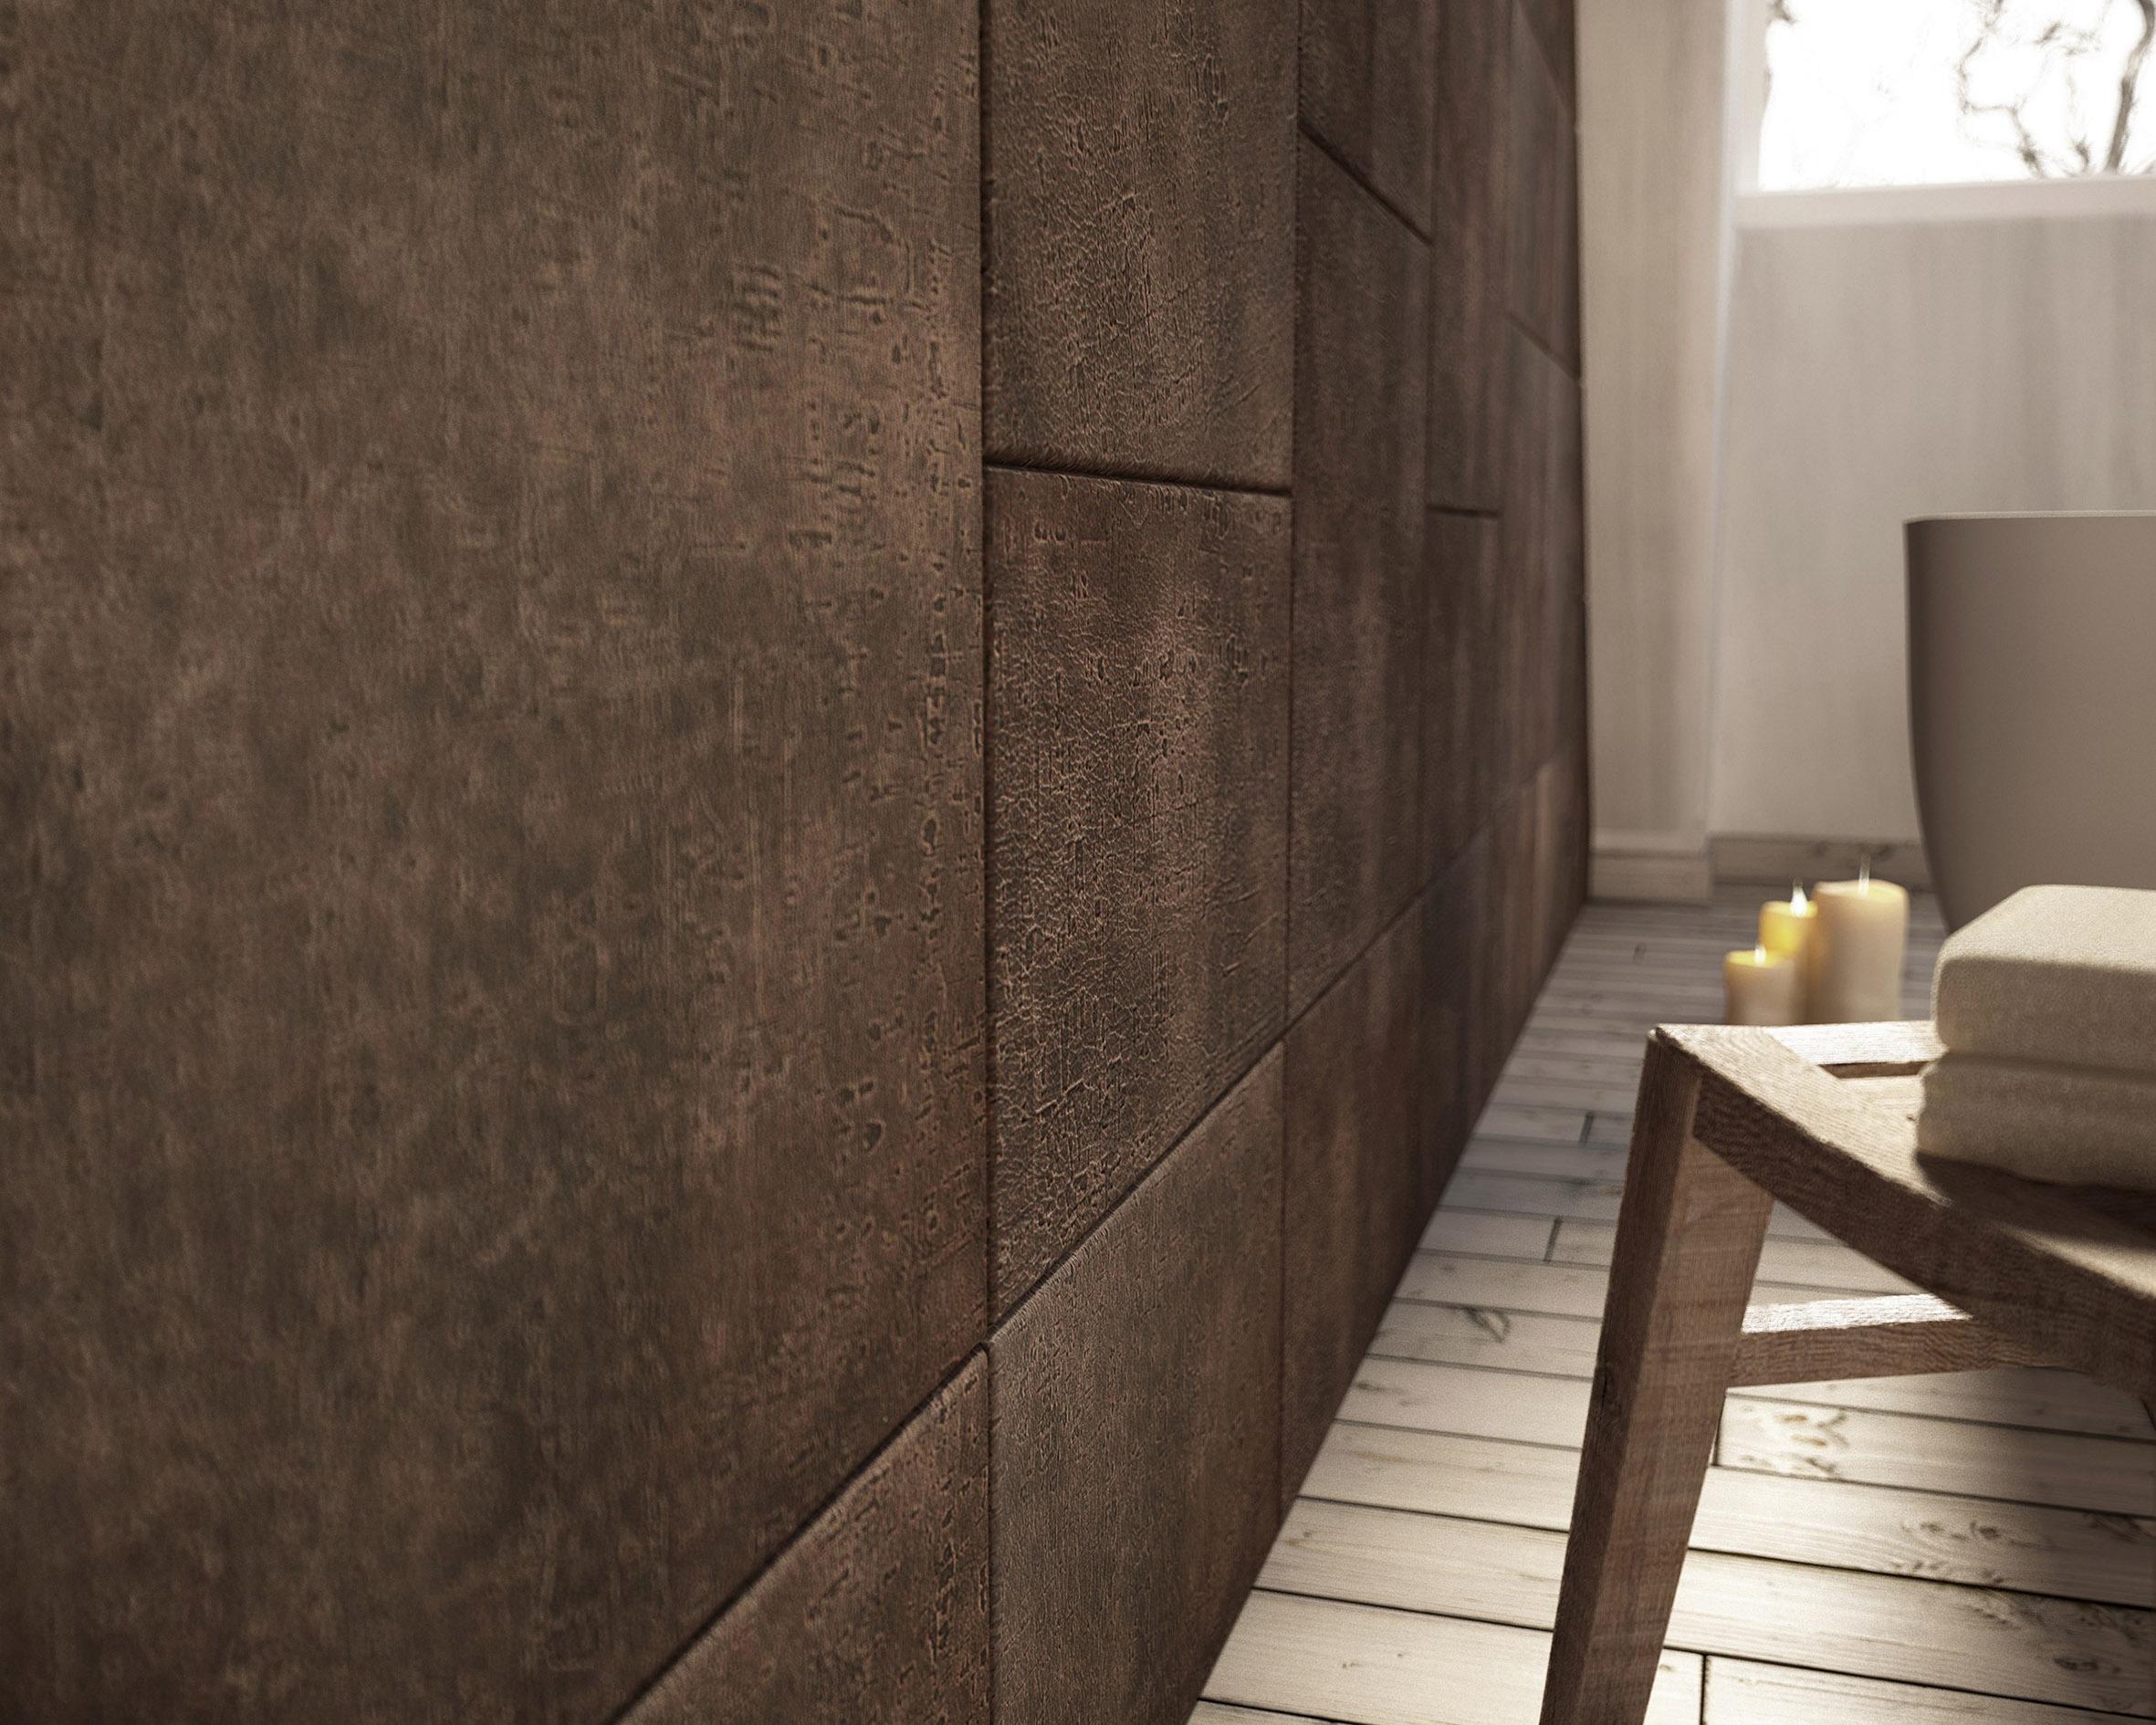 Tegels van leer in je badkamer inspiraties - Muur tegel installatie ...